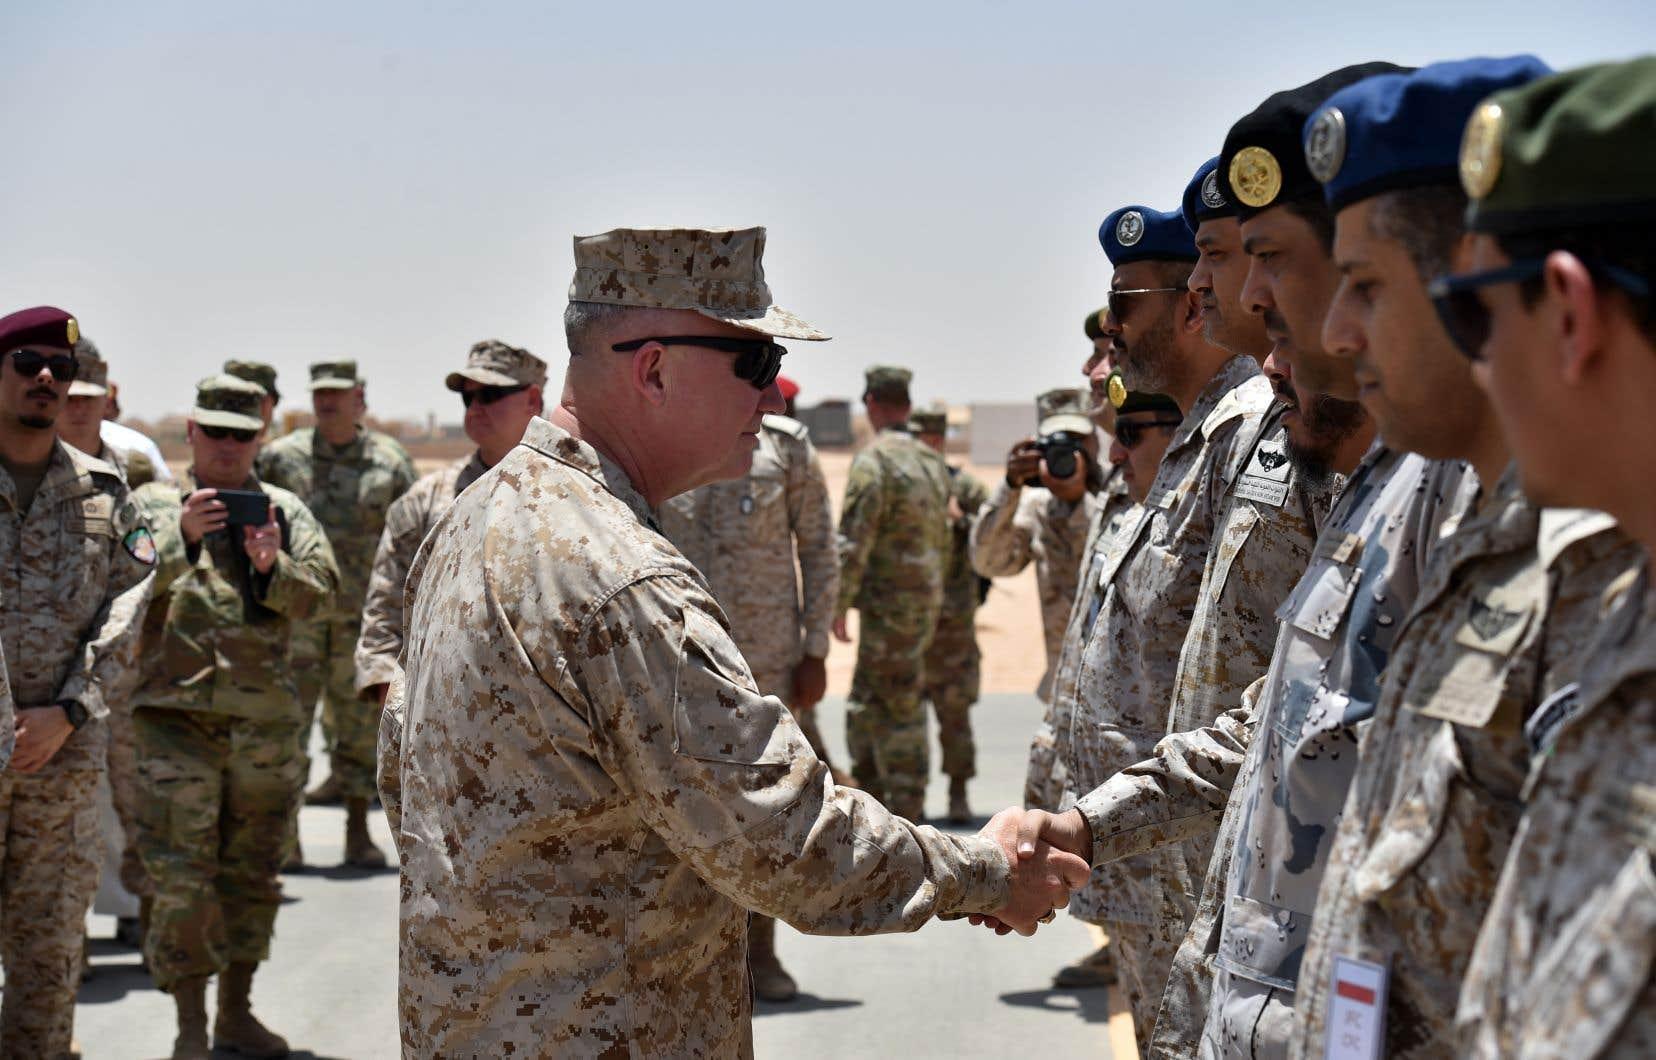 Riyad va accueillir «des forces et du matériel de défense supplémentaires dans le cadre du travail conjoint entre le royaume et les États-Unis pour préserver la sécurité régionale», a déclaré une source au sein du ministère de la Défense saoudien.